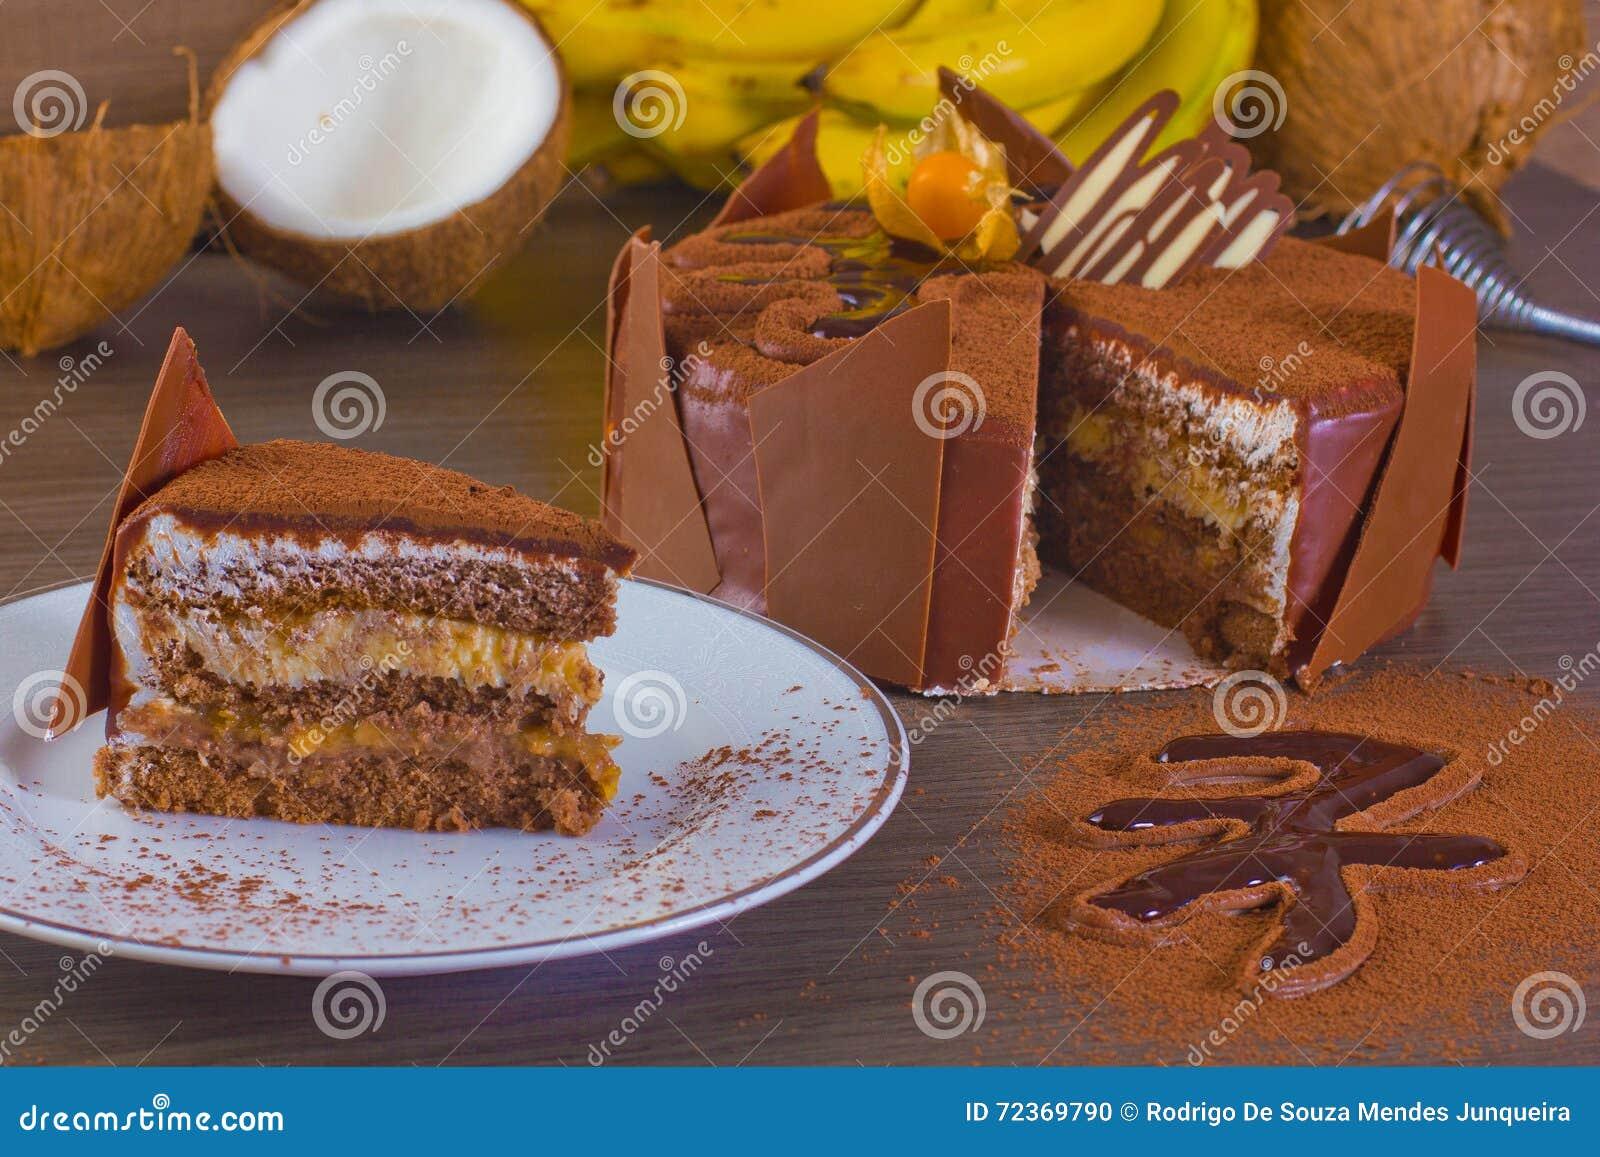 椰子和香蕉蛋糕